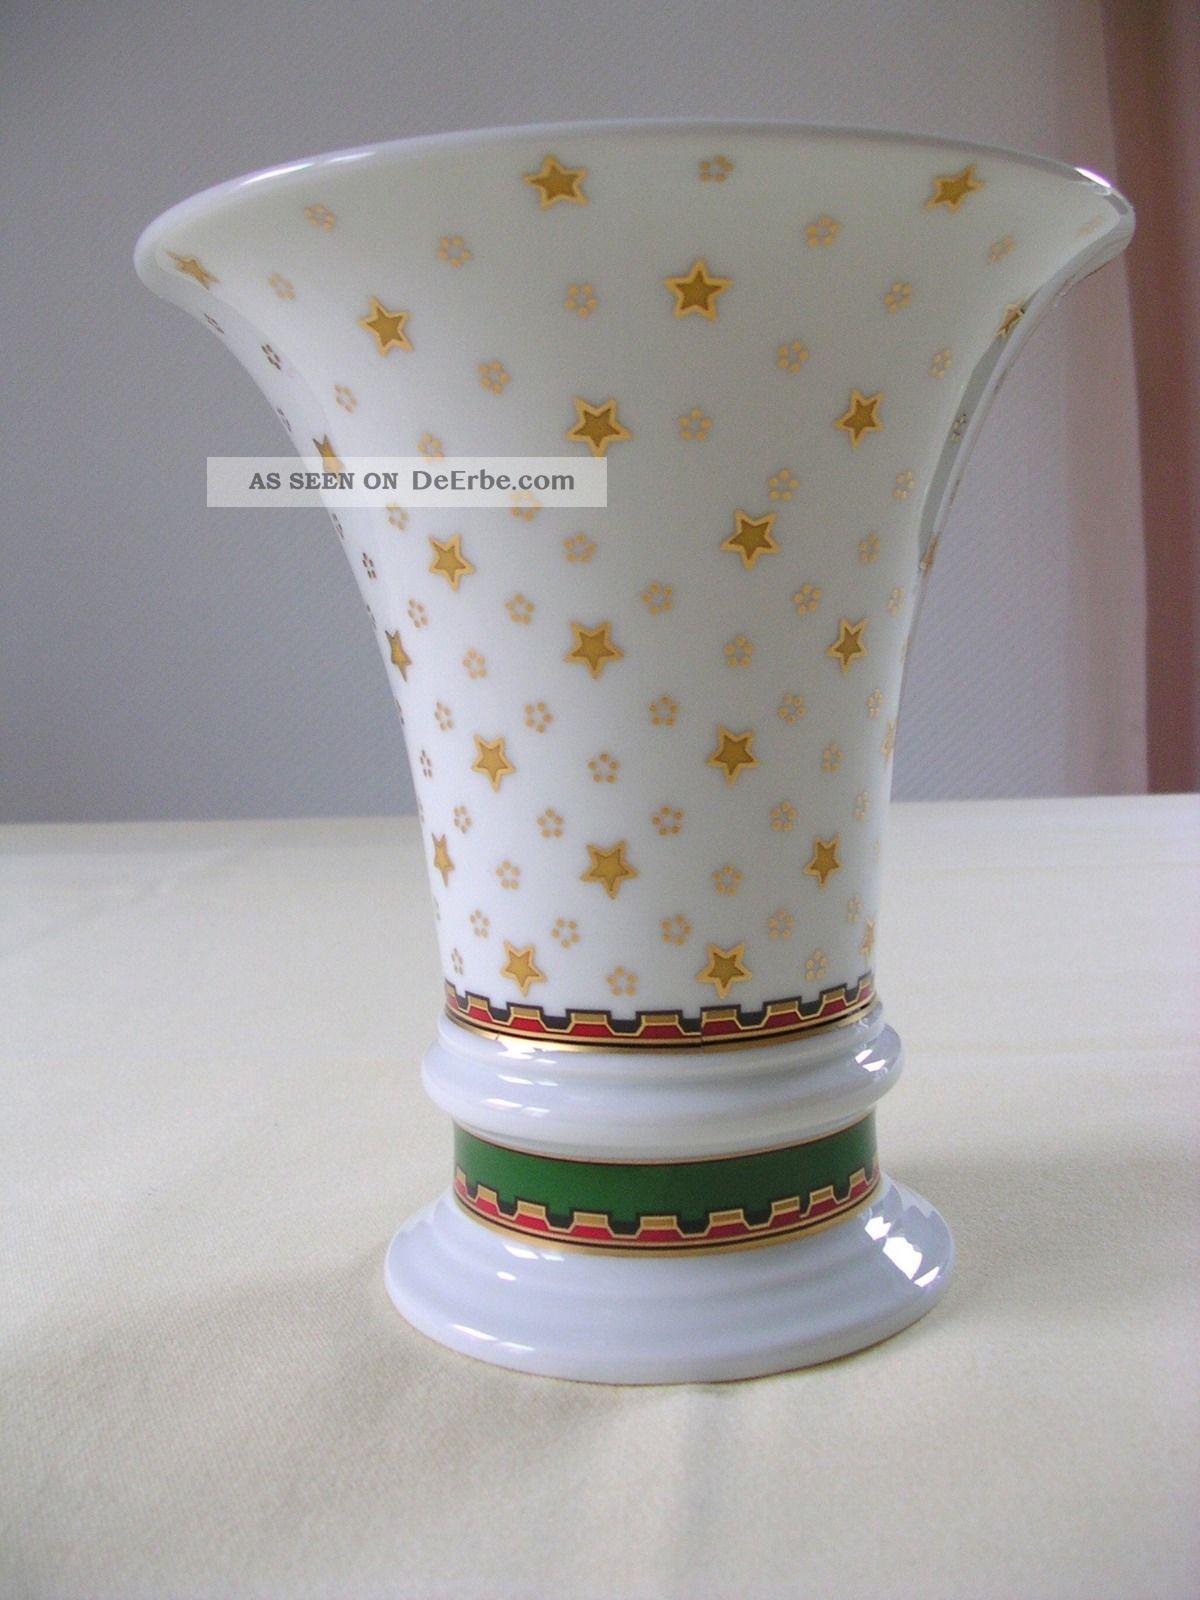 Fürstenberg Vase Blumenvase Porzellan Nach Marke & Herkunft Bild